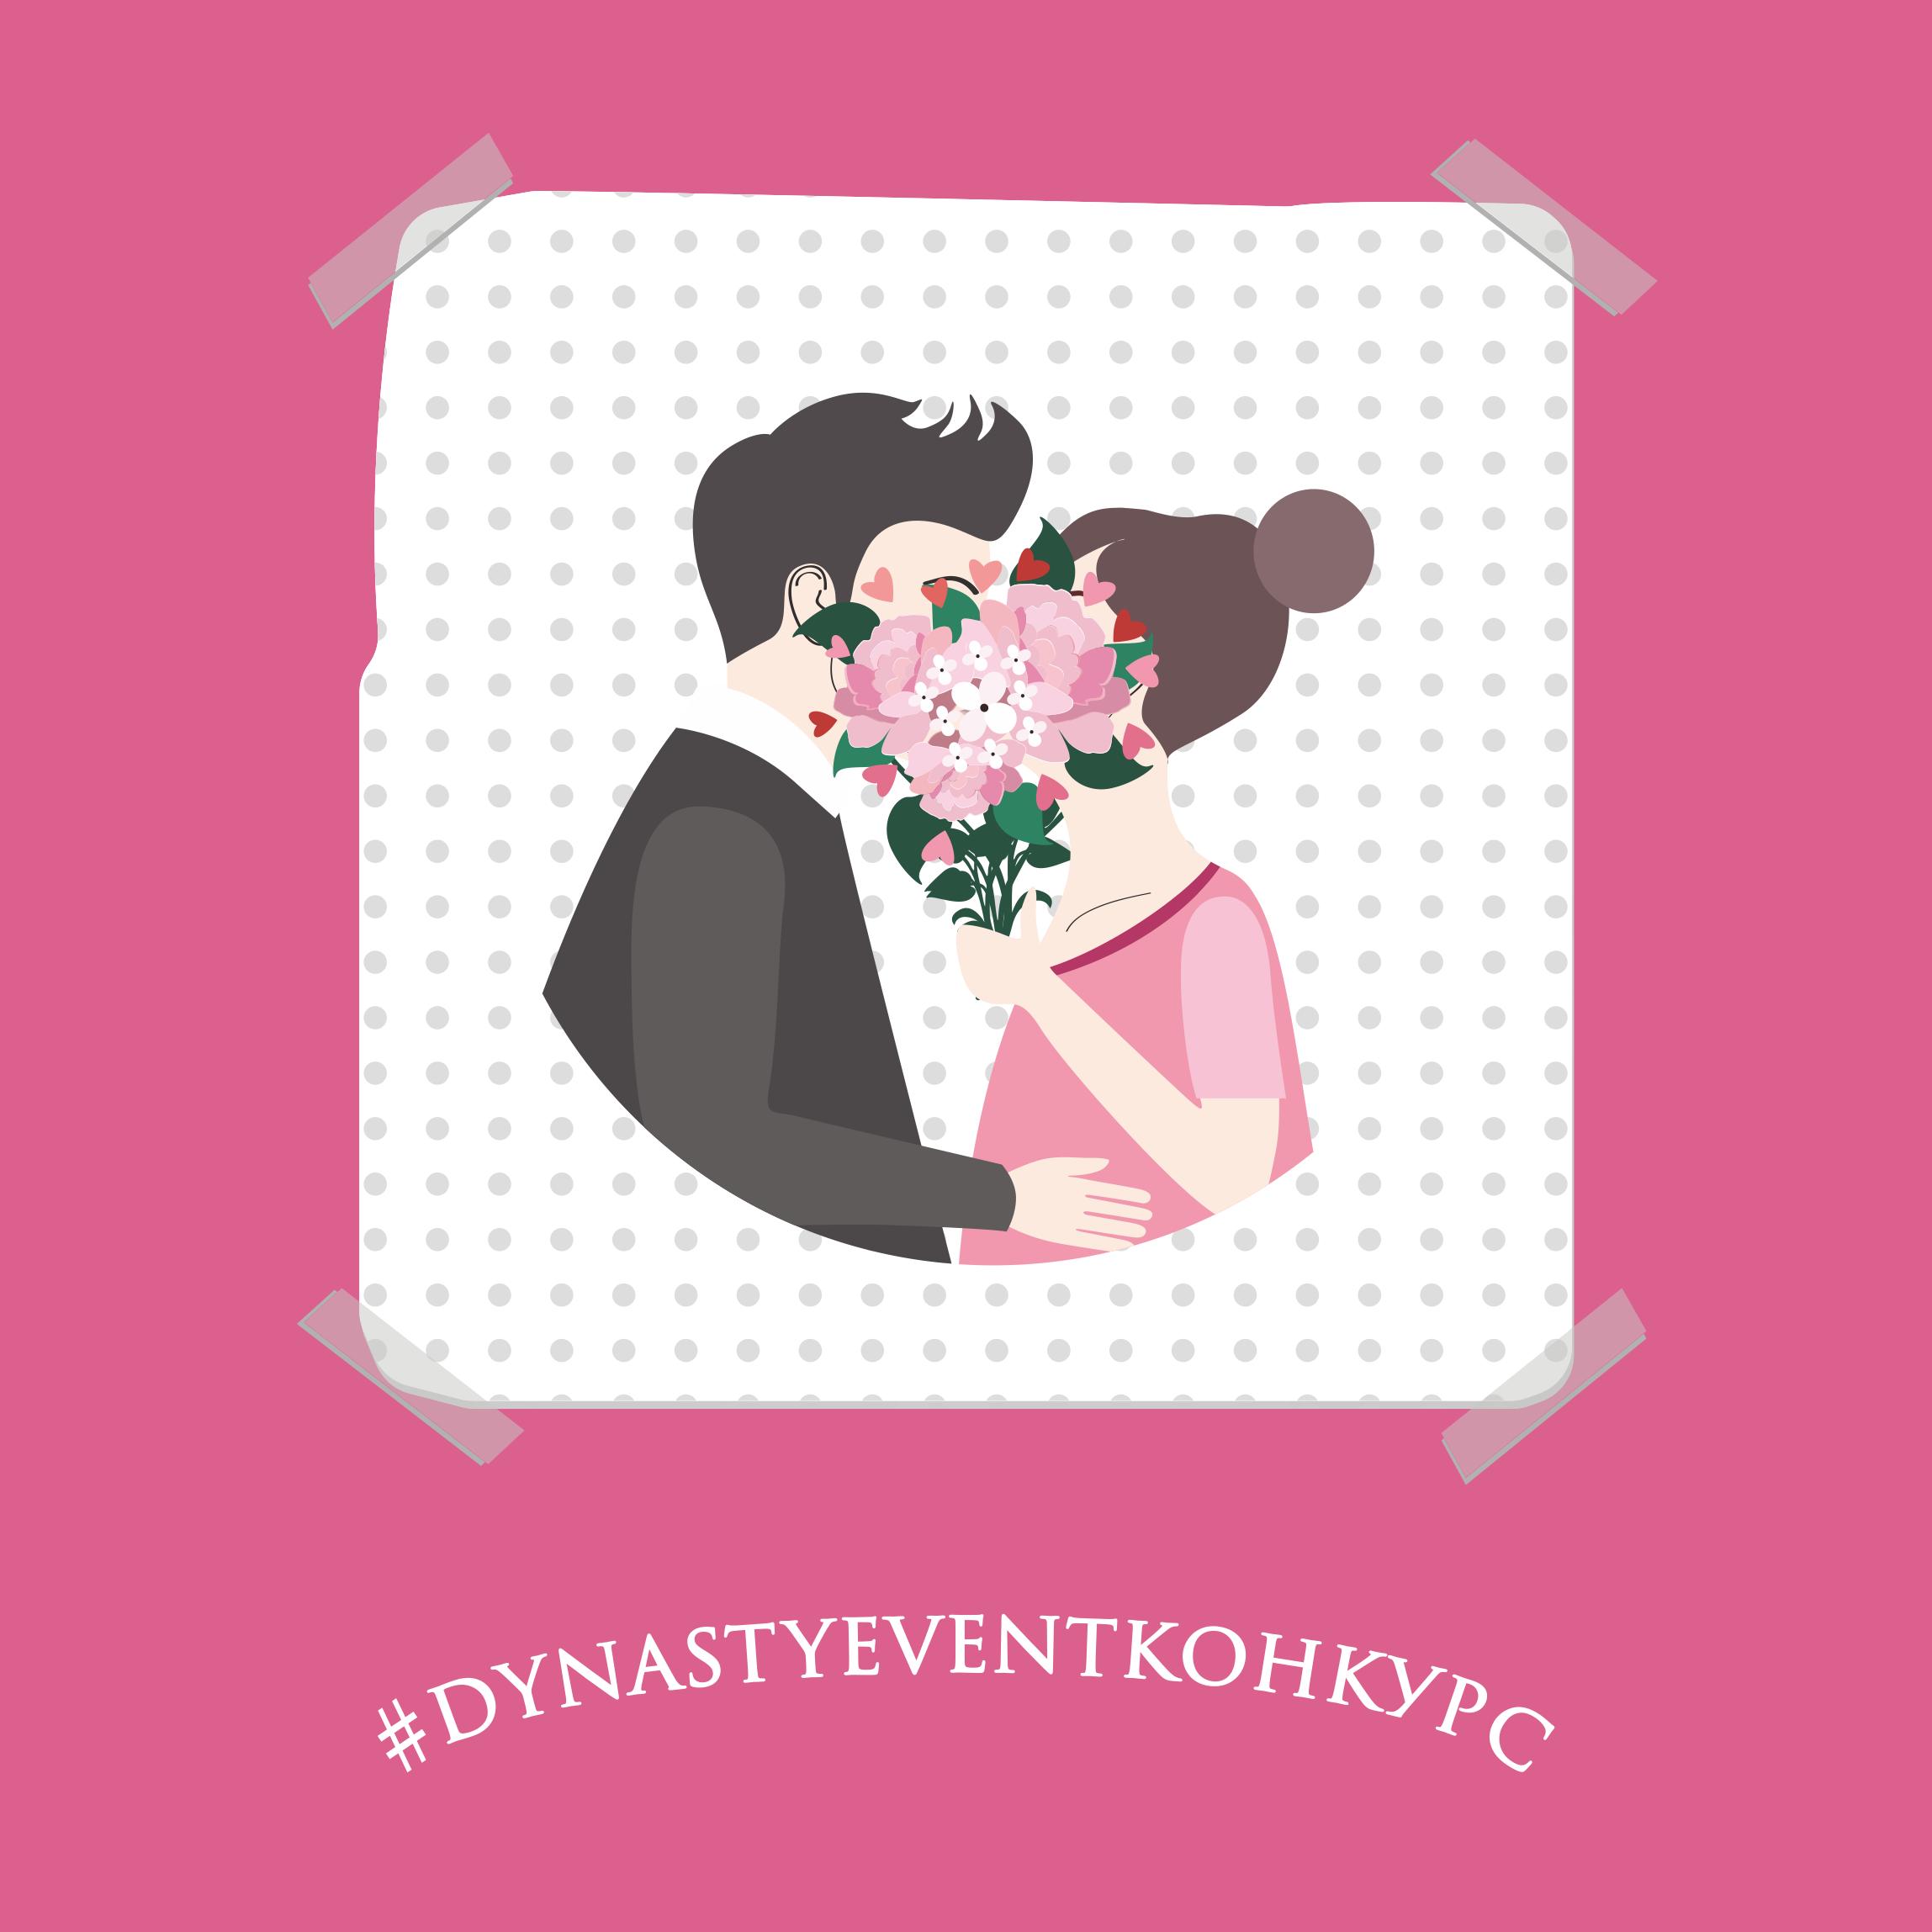 Династия Event // рисунок для Instagram